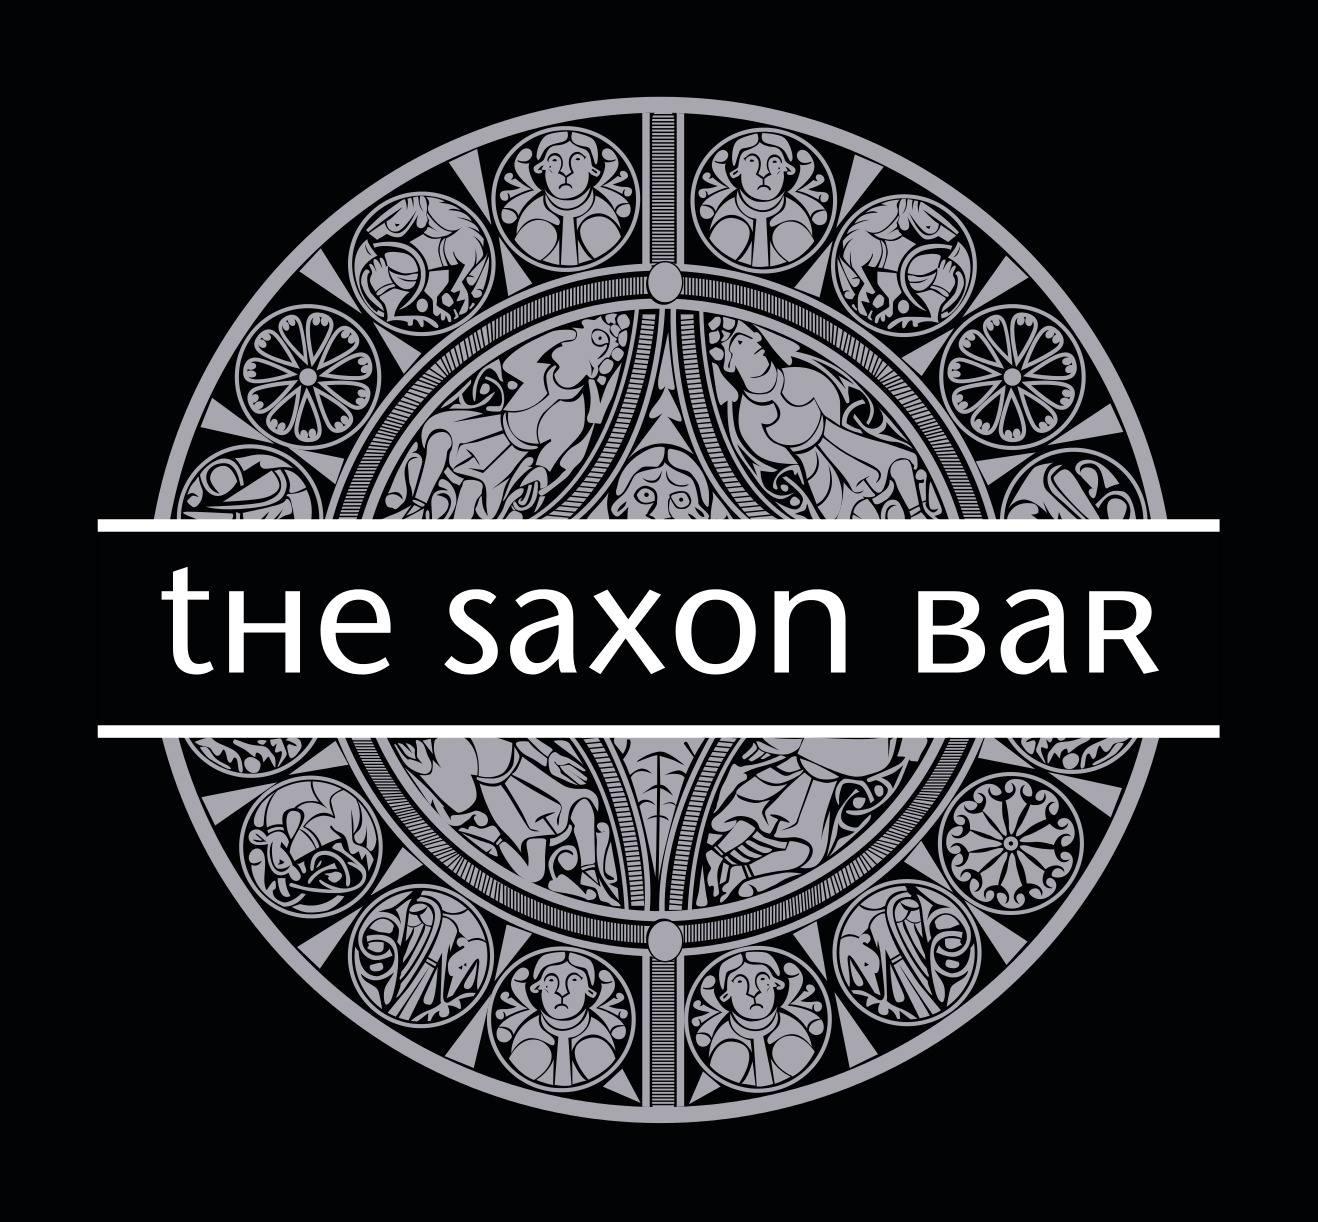 The Saxon Bar, 5 Fountain Way, Christchurch, Dorset,BH23 1QN